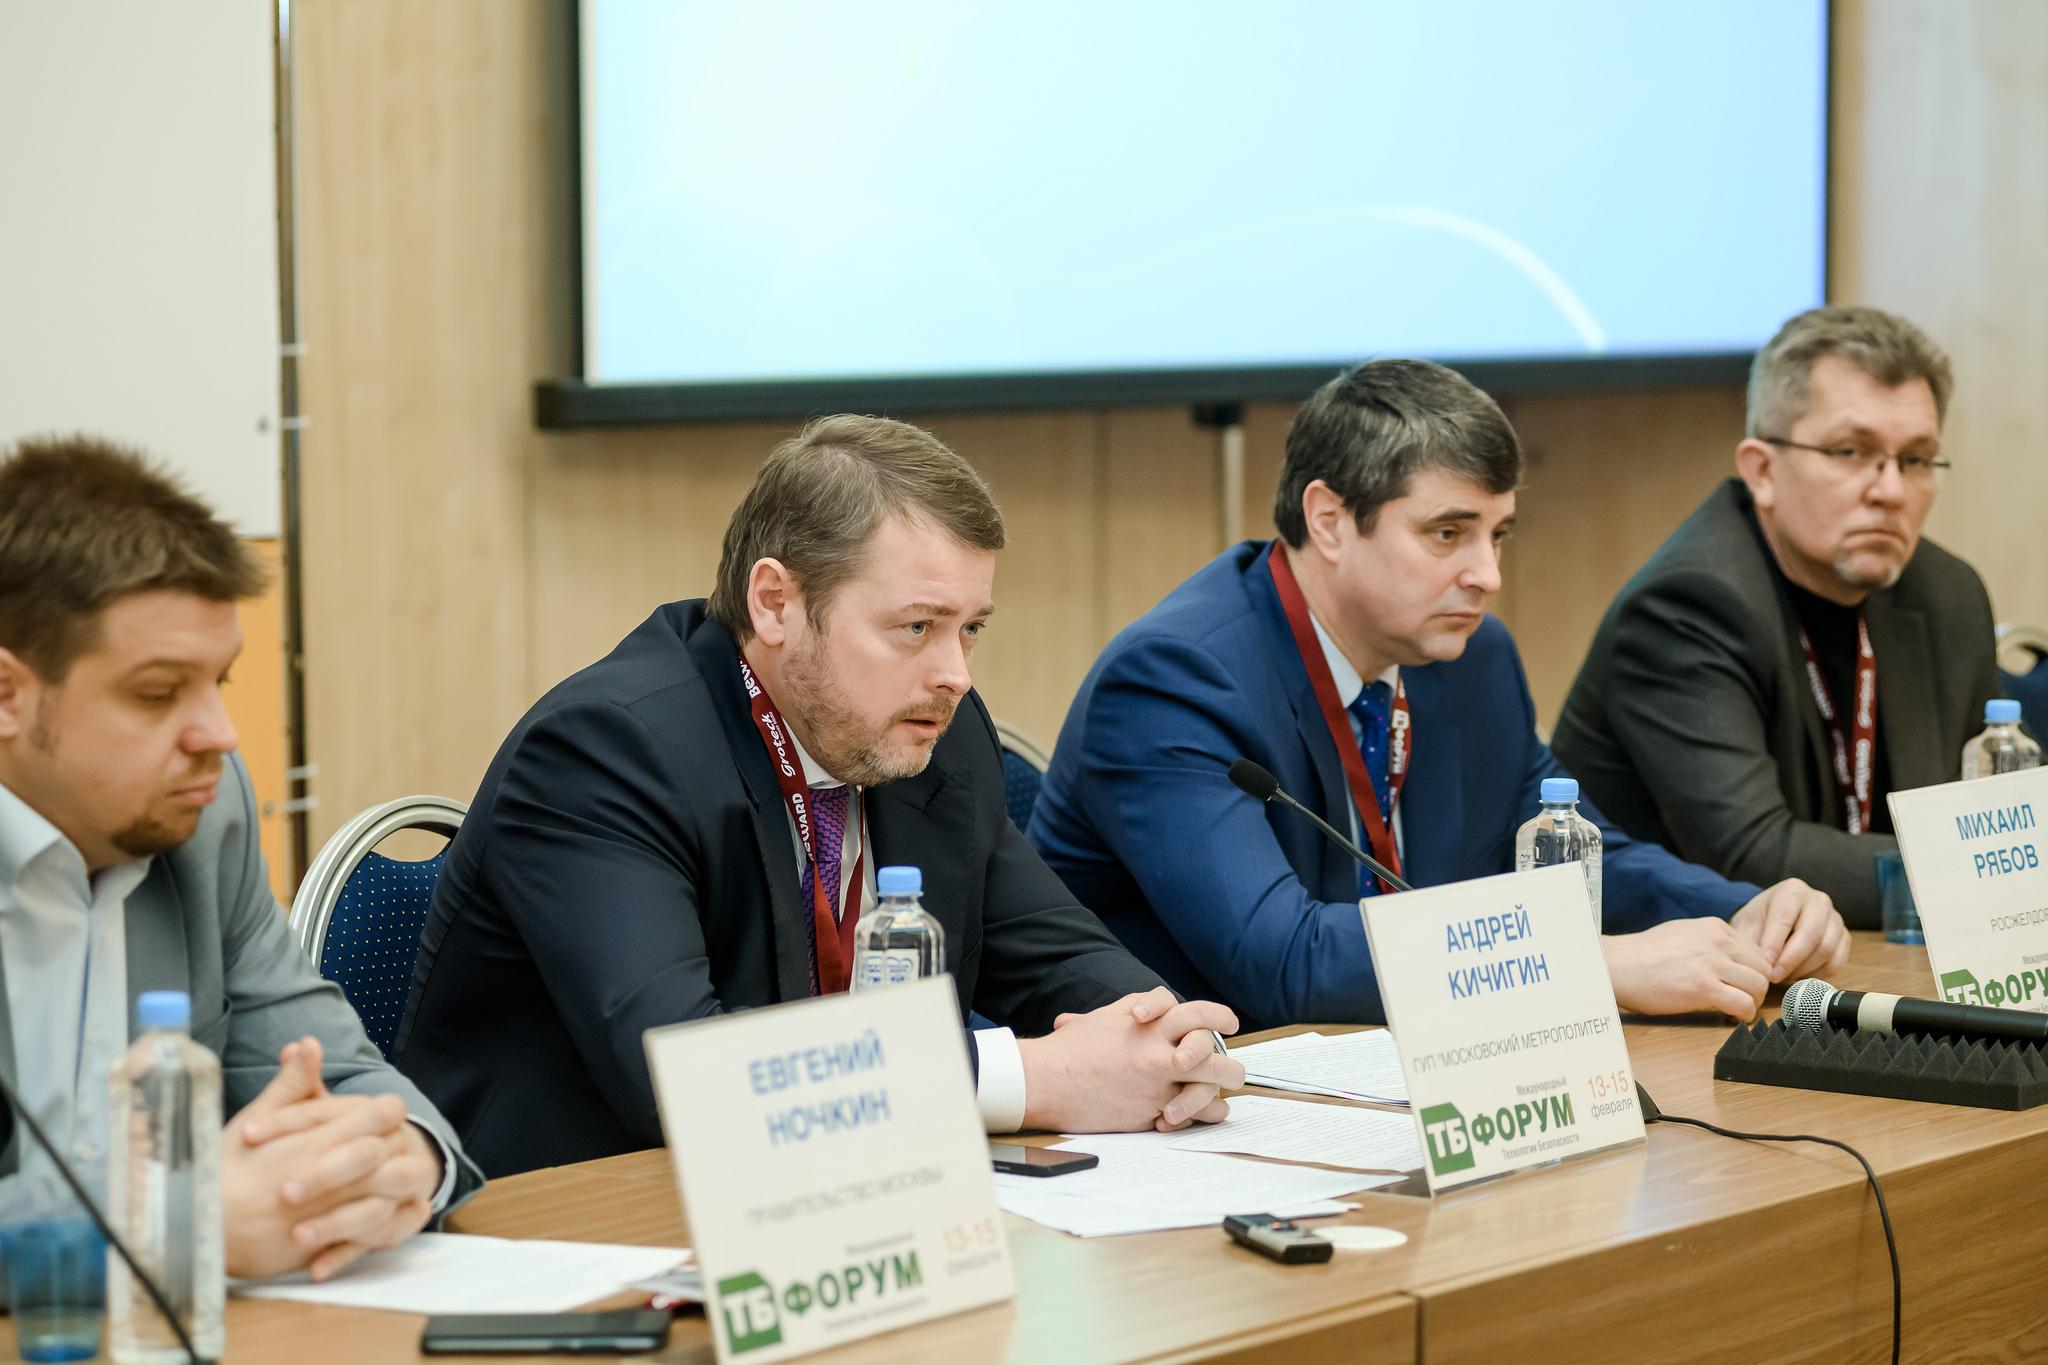 Участники ТБ Форума обсудят актуальные задачи по обеспечению безопасности и защищенности Московского метрополитена